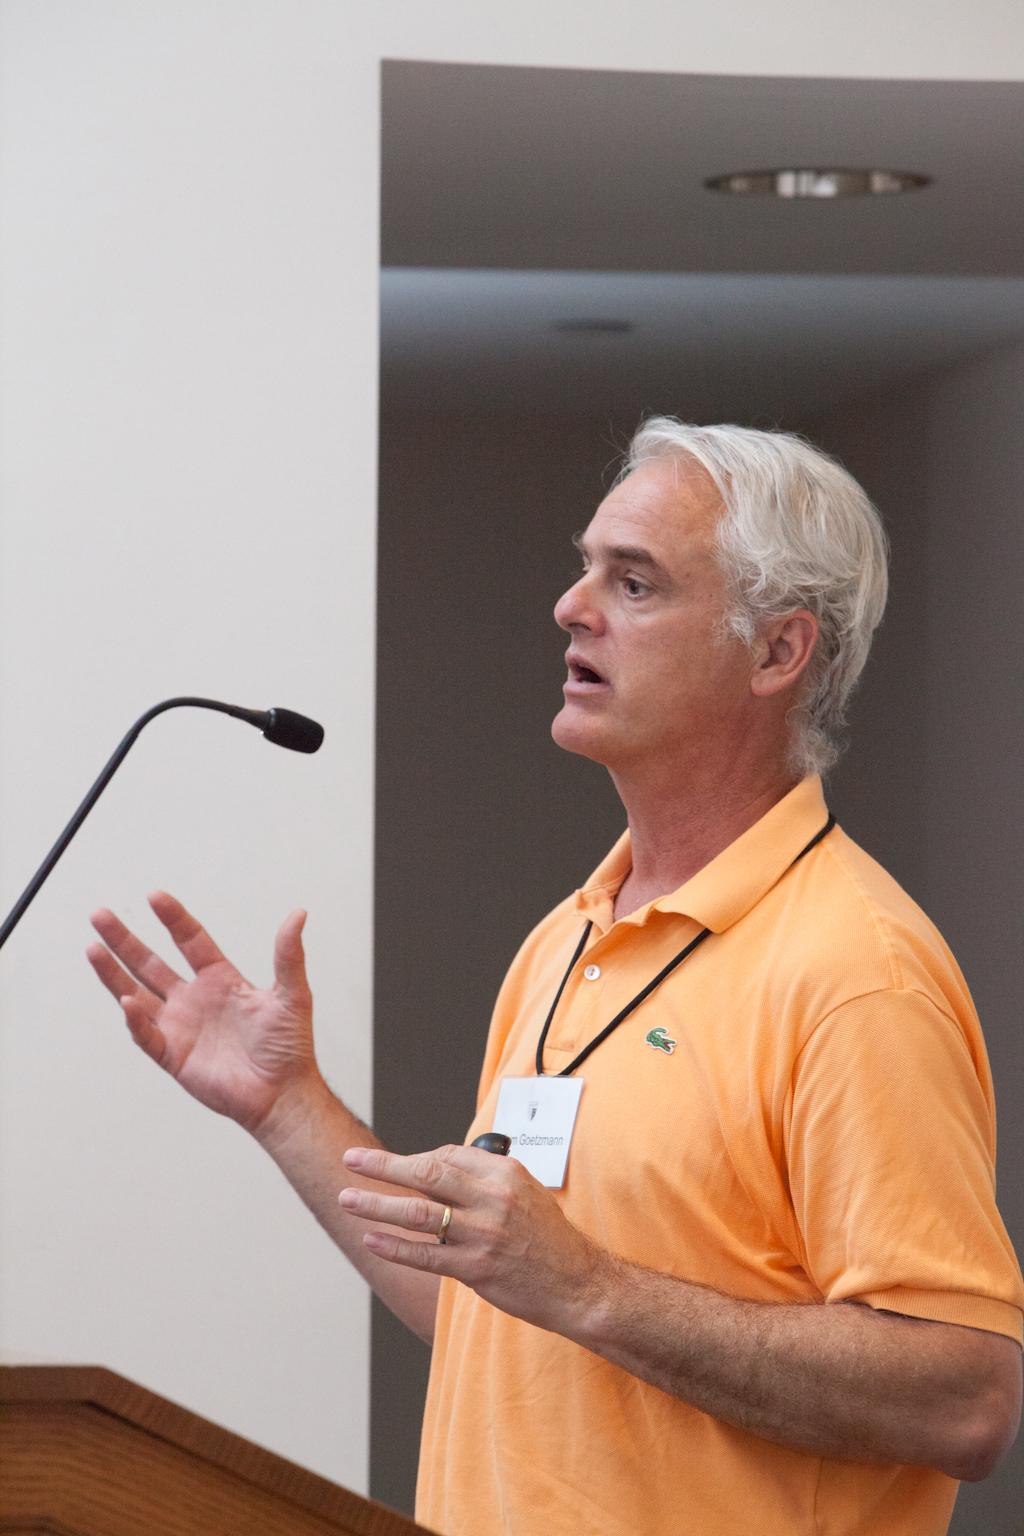 Yale SOM Prof. William Goetzmann